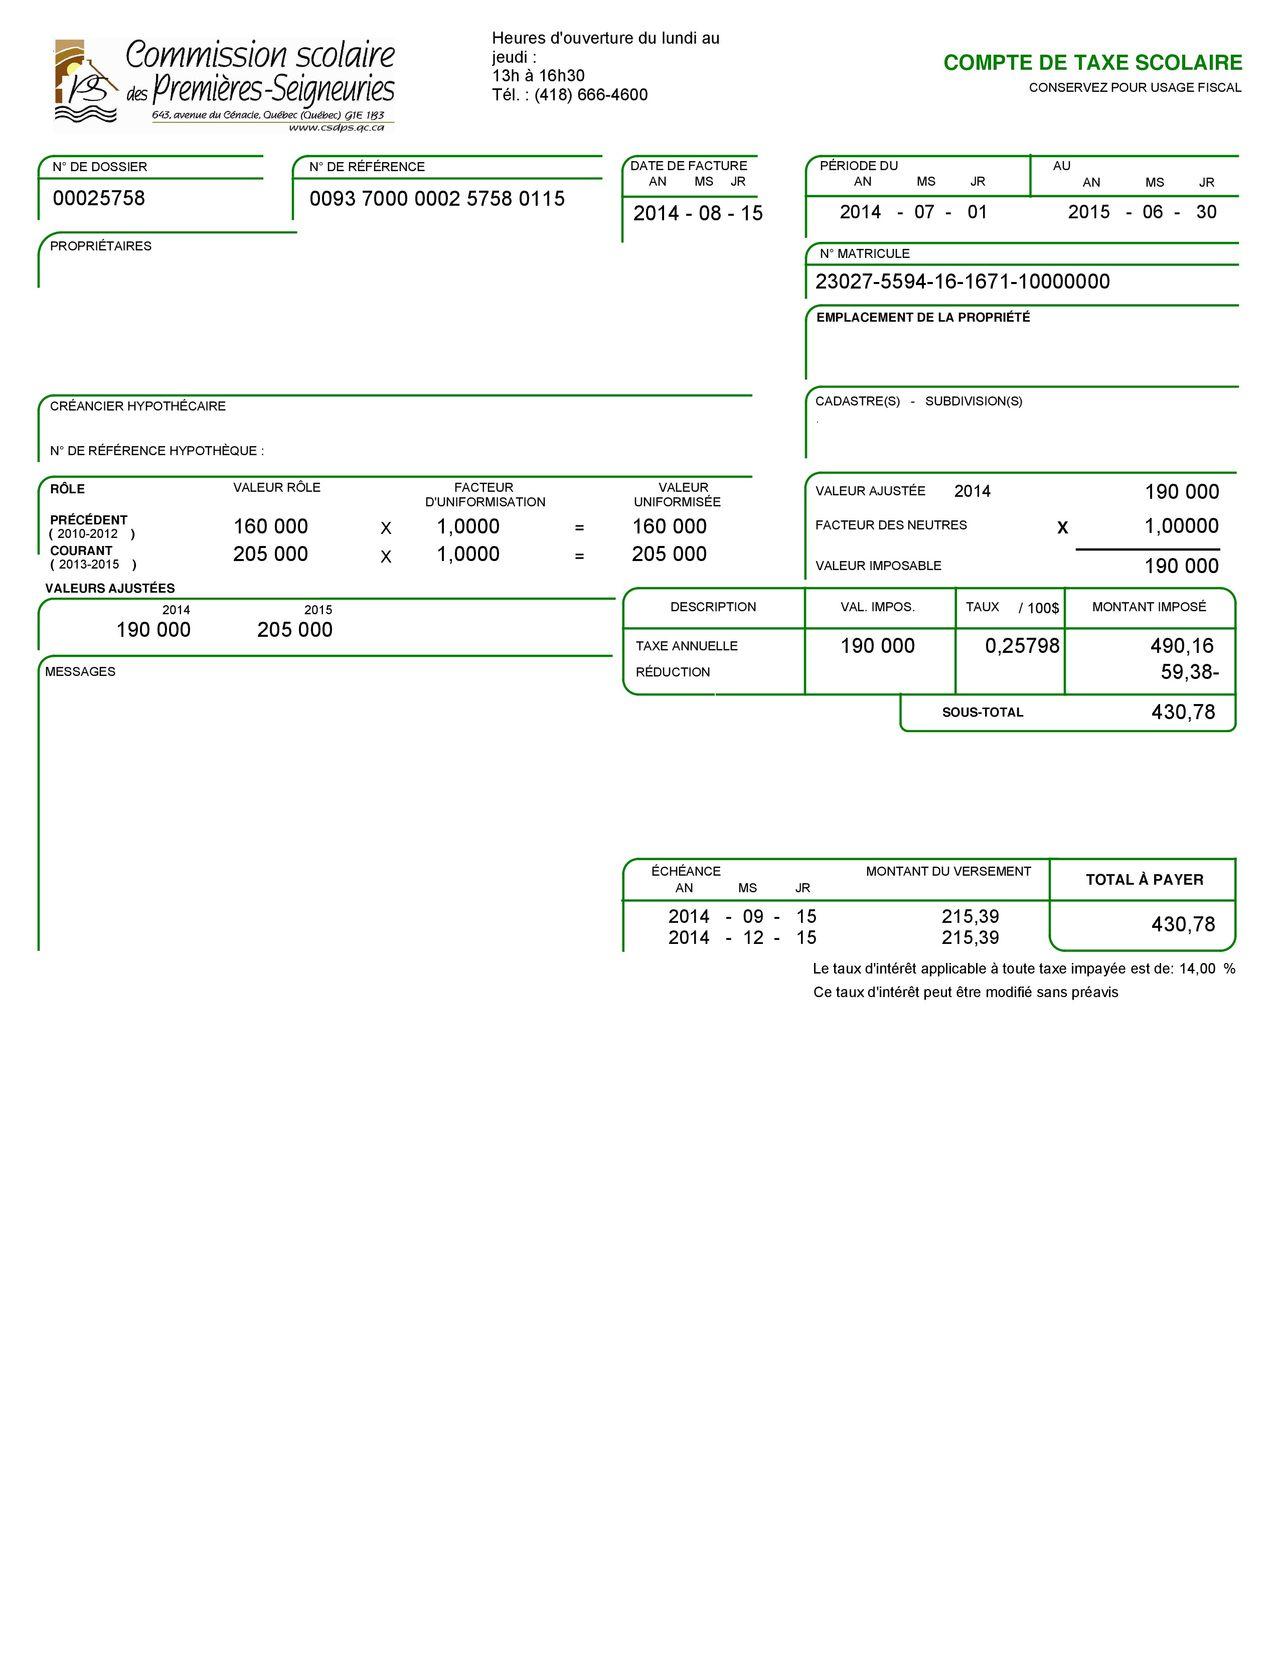 Demande en ligne multi pr ts hypoth ques alexandre gr goire 418 666 0486 - Releve cadastral de propriete gratuit ...